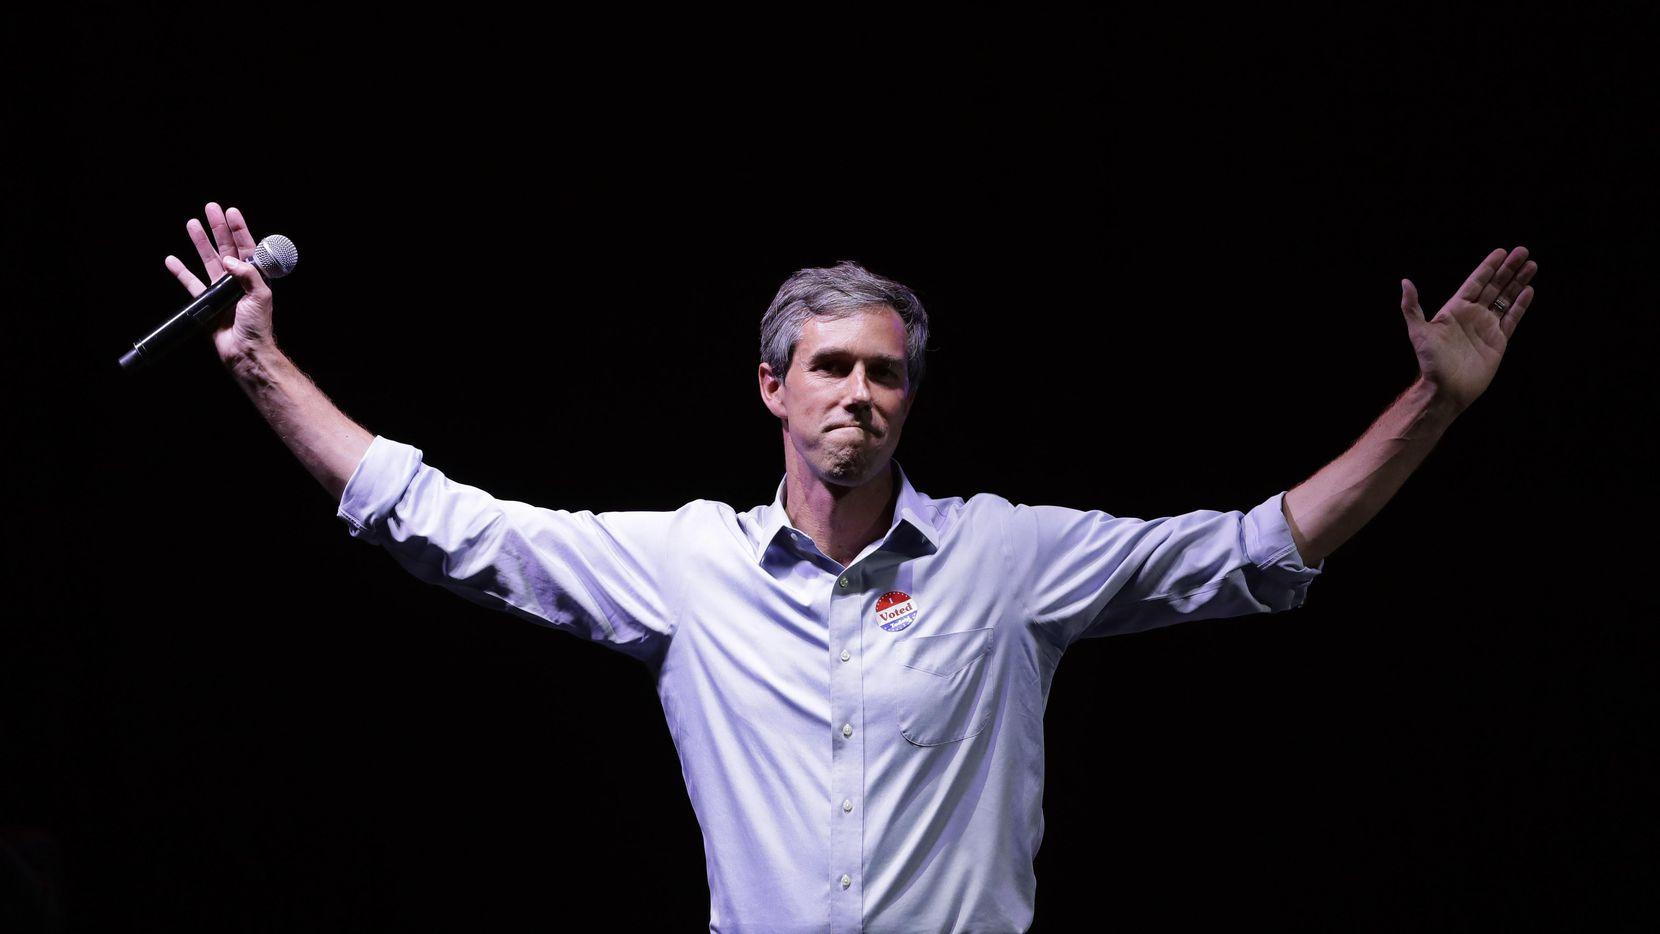 El candidato demócrata Beto O'Rourke dio su discurso de concesión en El Paso, luego de perder la elección por el senado ante el republicano Ted Cruz.(AP)